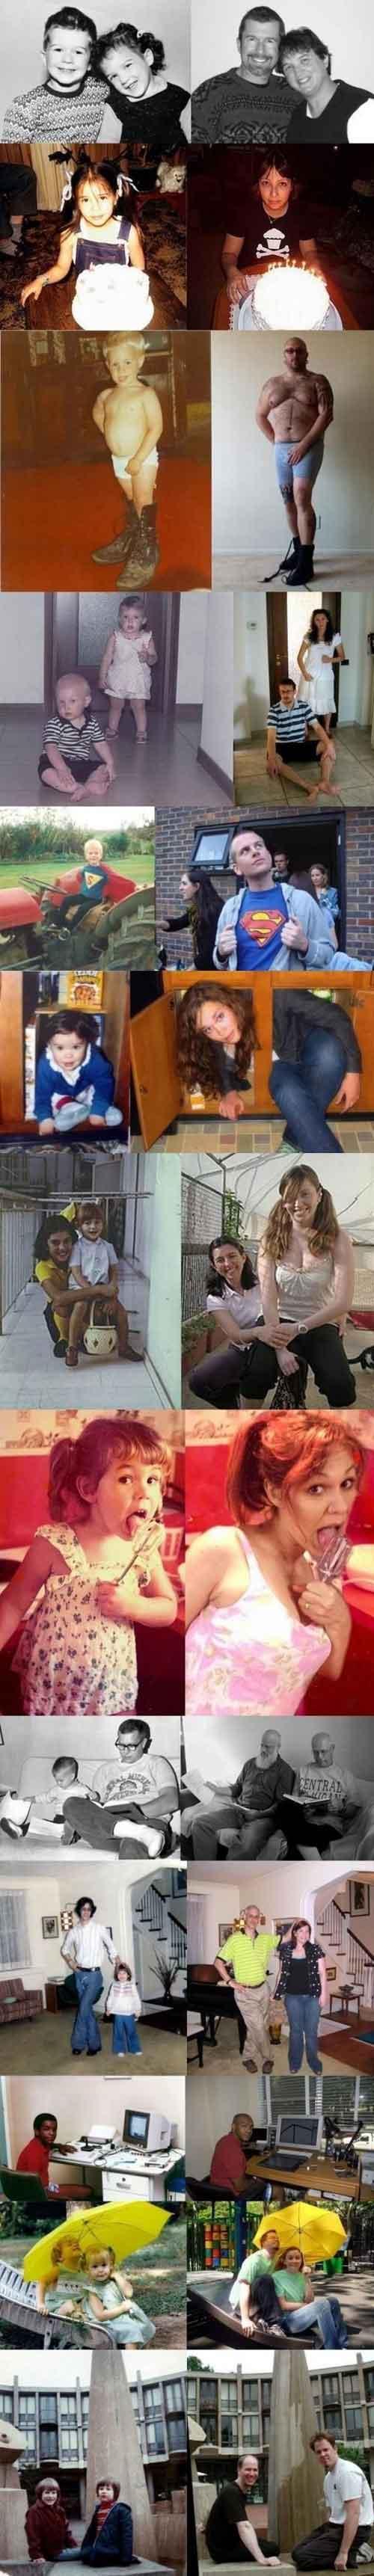 KOCAK Neh Gan : Gambar2 Masa Lalu = Masa Depan Pictur10